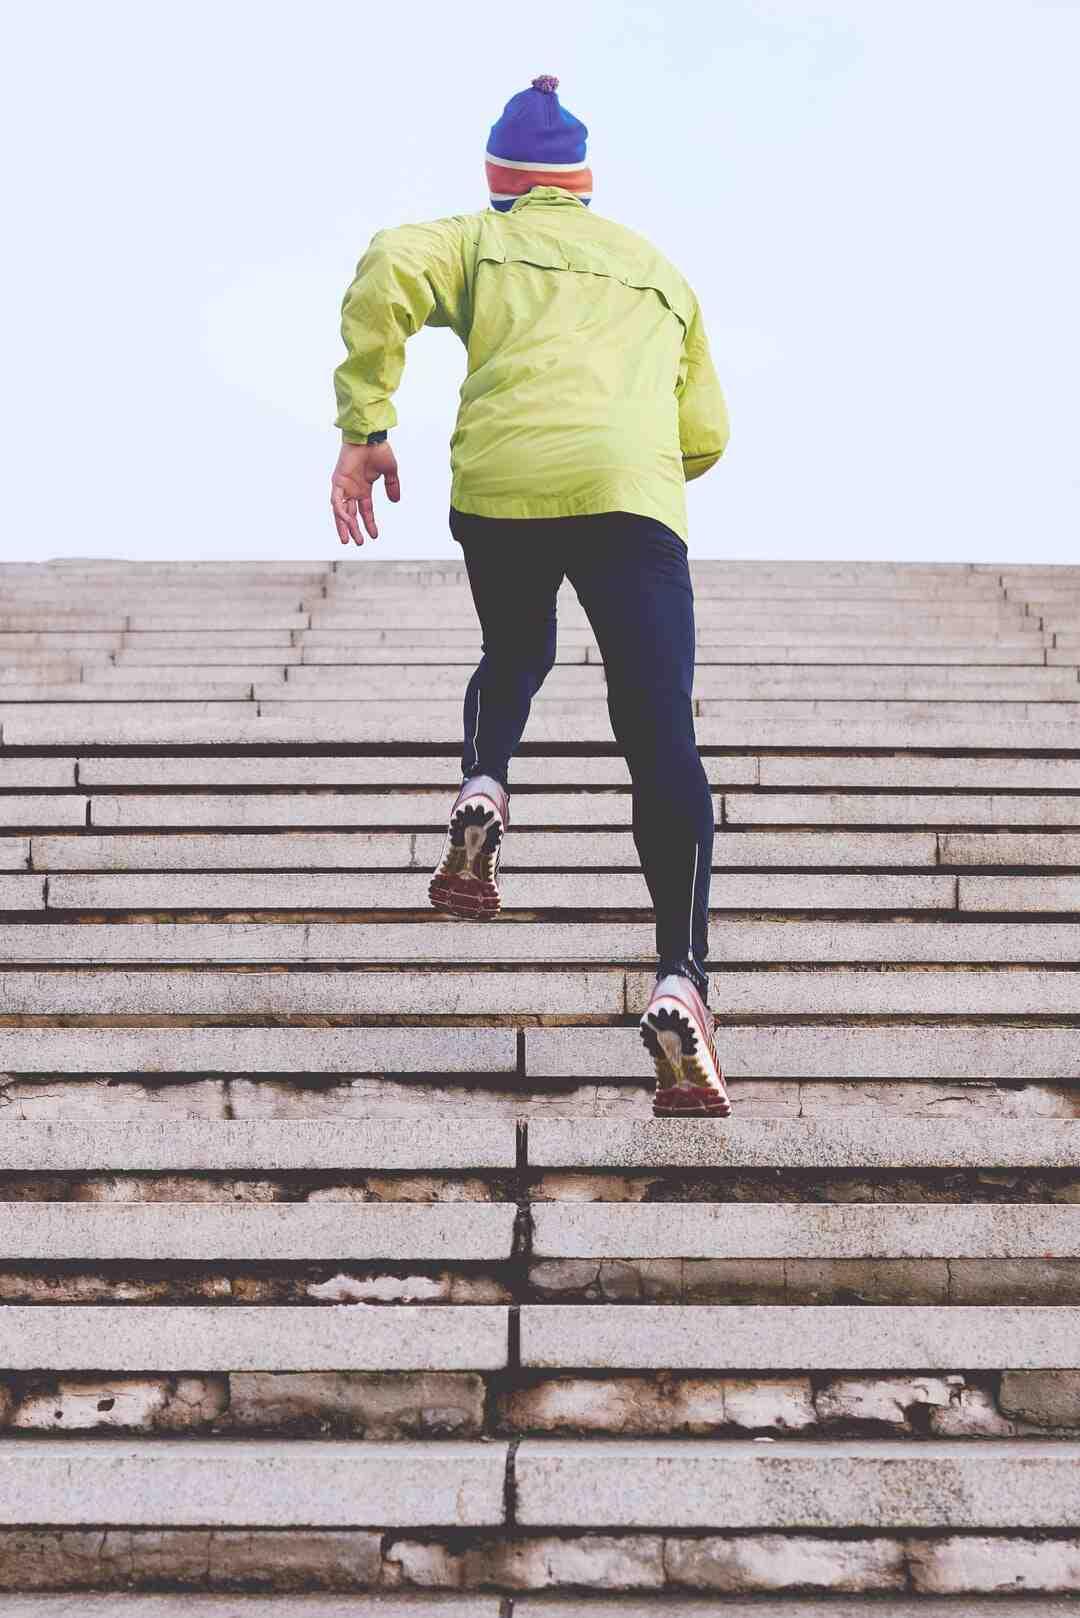 Comment perdre 5 kilos sans faire de sport ?